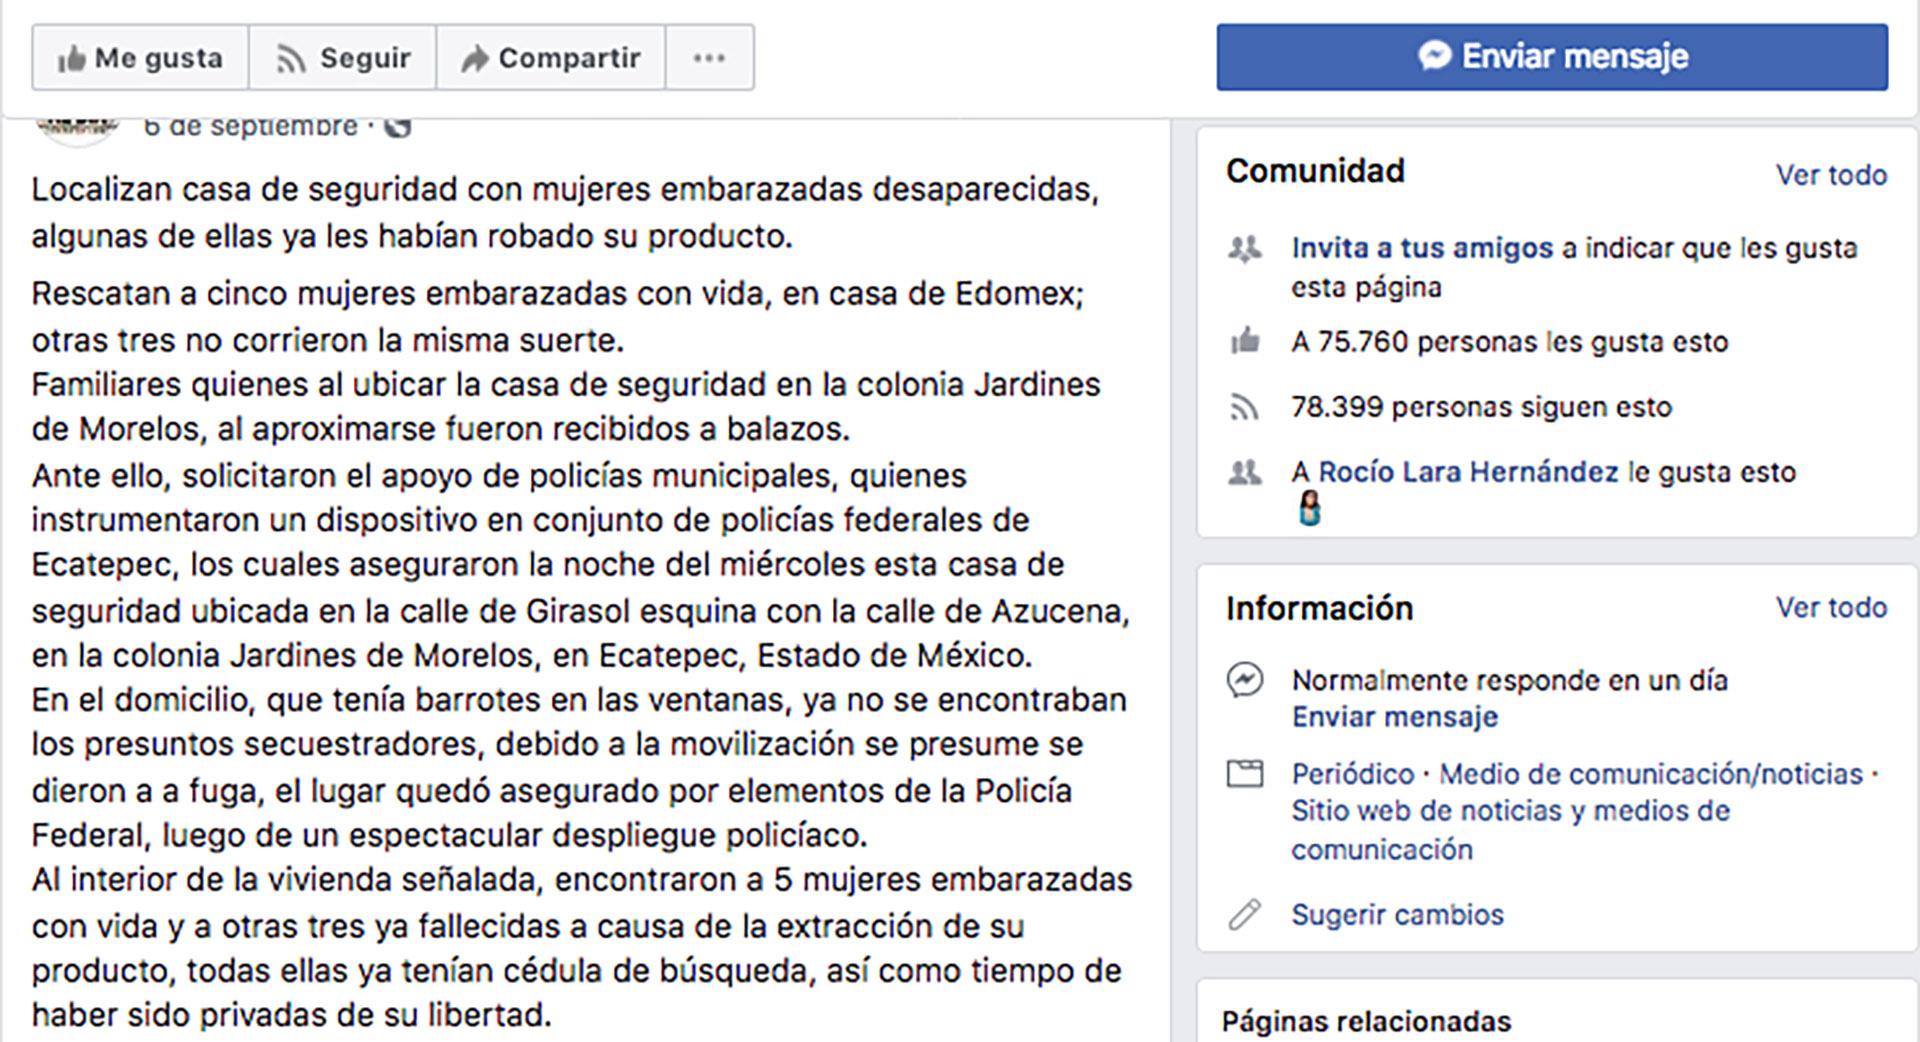 En el texto se advertía sobre la comercialización de bebés, como sucedió en uno de los casos confesados por Juan Carlos